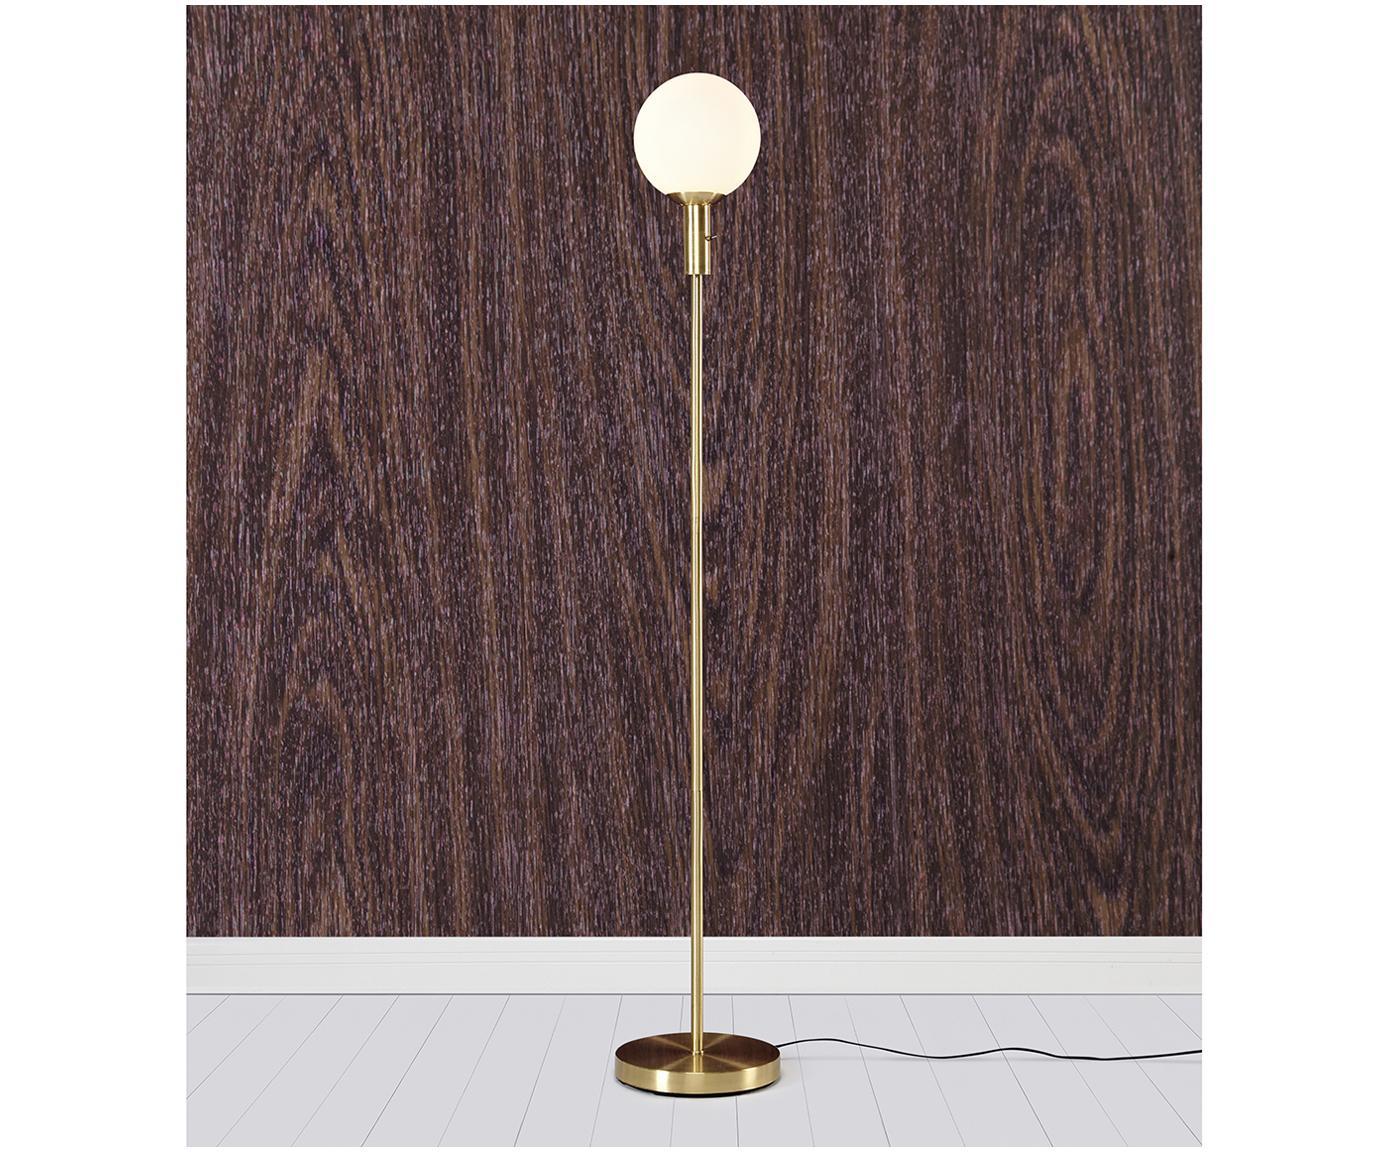 Lampa podłogowa Minna, Mosiądz, Ø 22 x W 144 cm